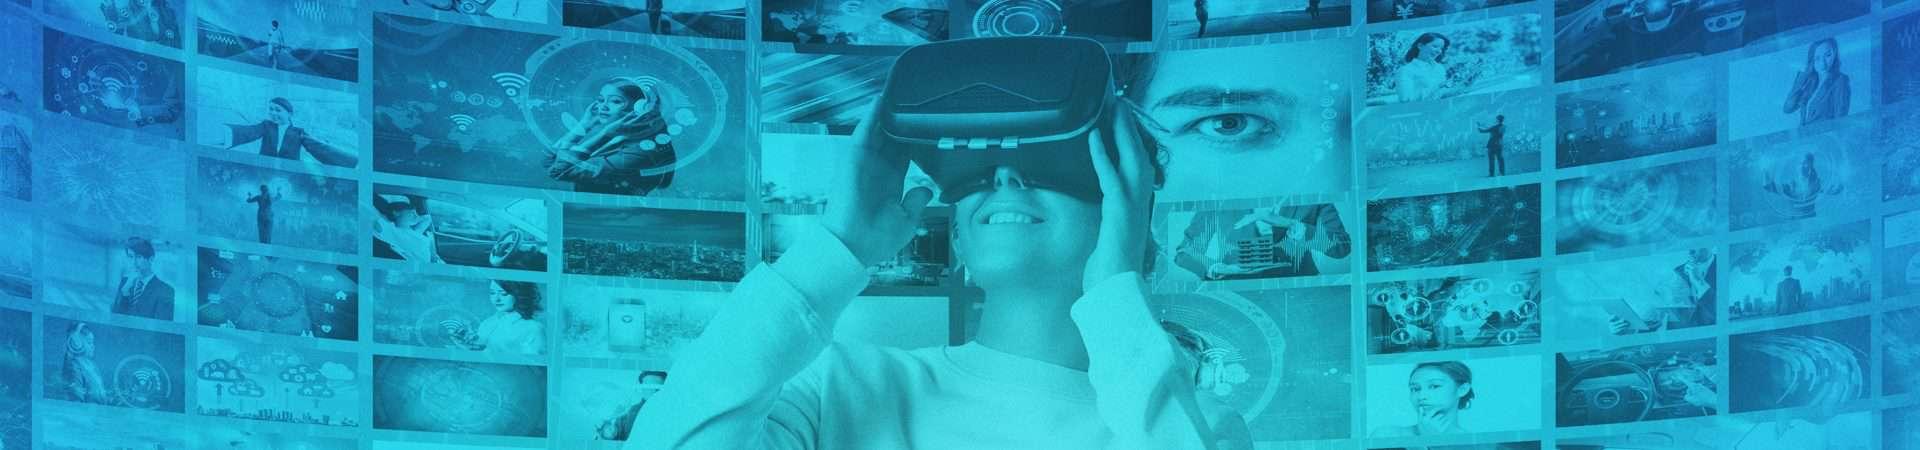 Vidéos métiers 360, la découverte professionnelle en réalité virtuelle